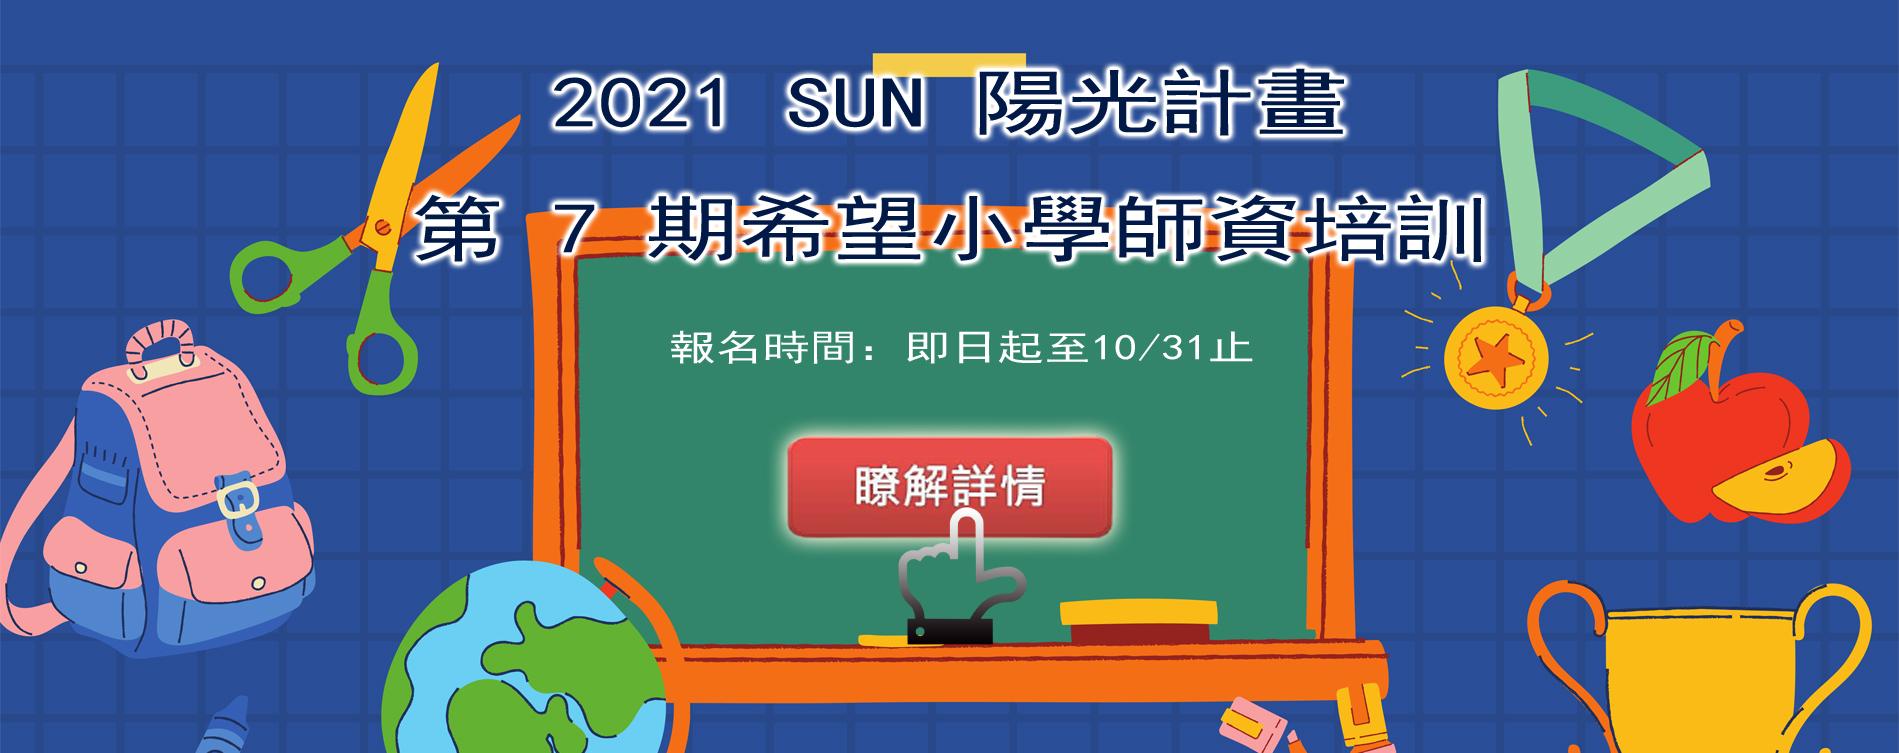 第七期希望小學師資培訓開始接受報名